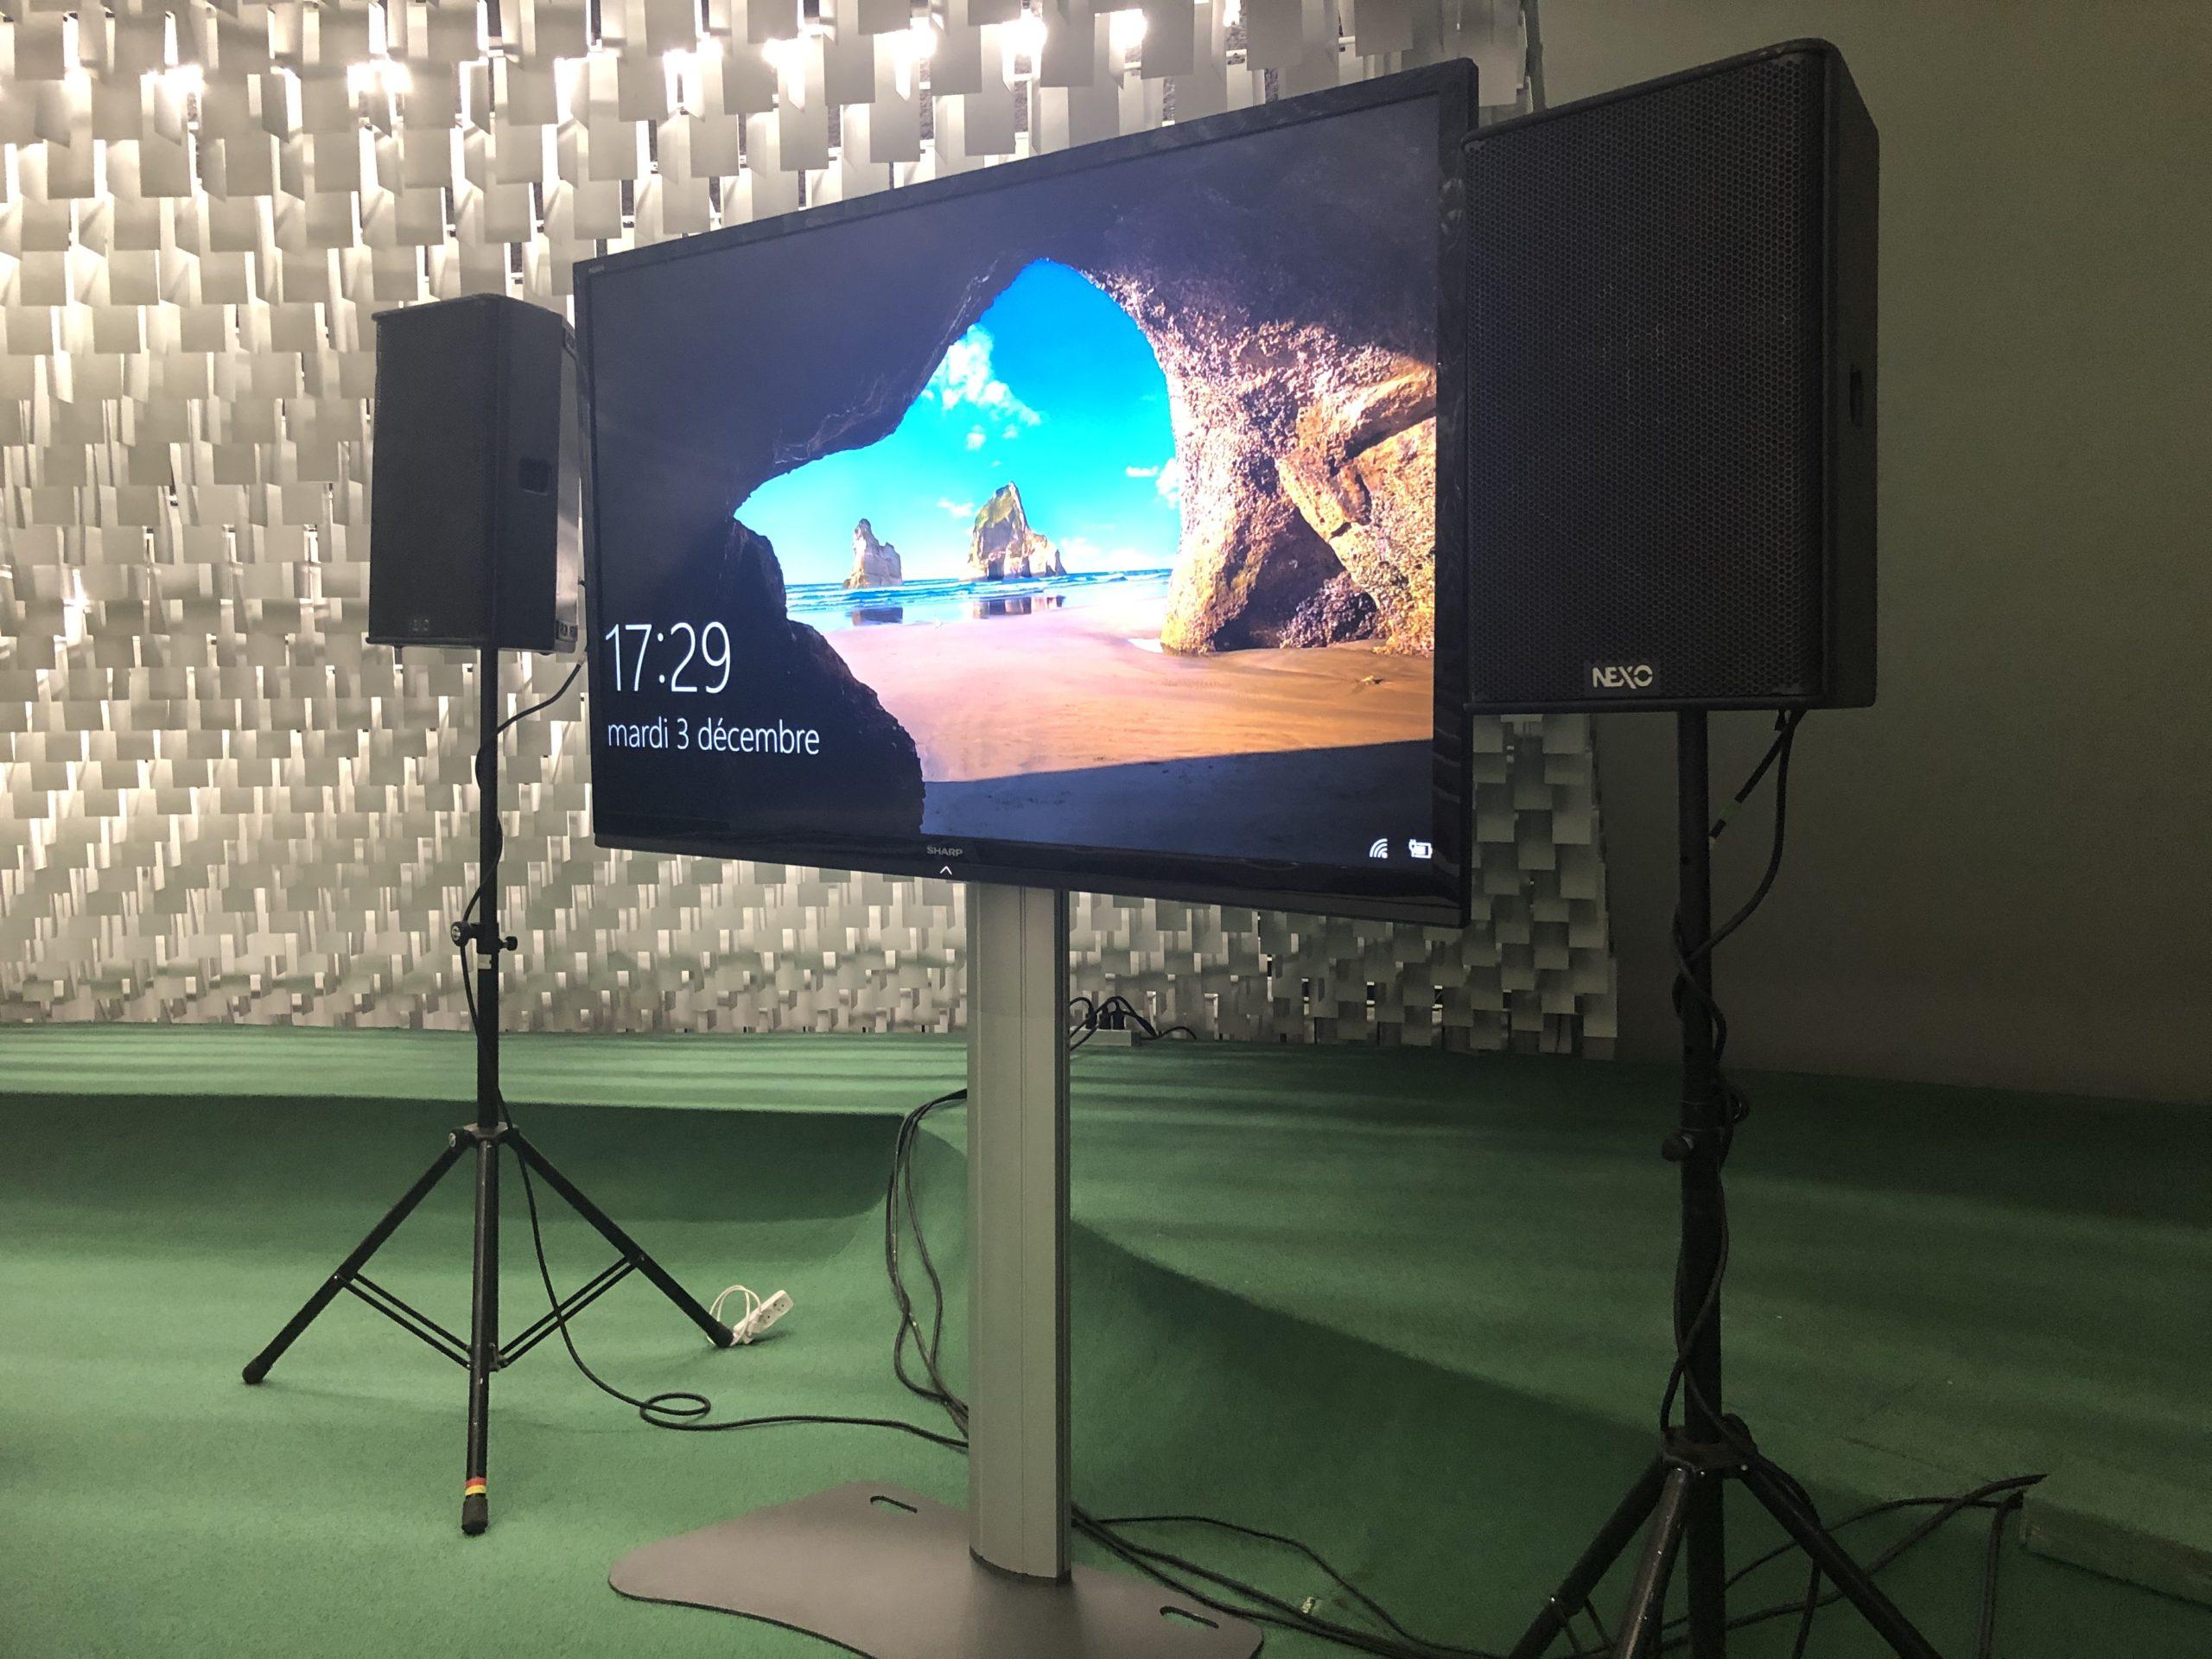 coupole avec deux écrans et sonorisationEcran et sonorisation